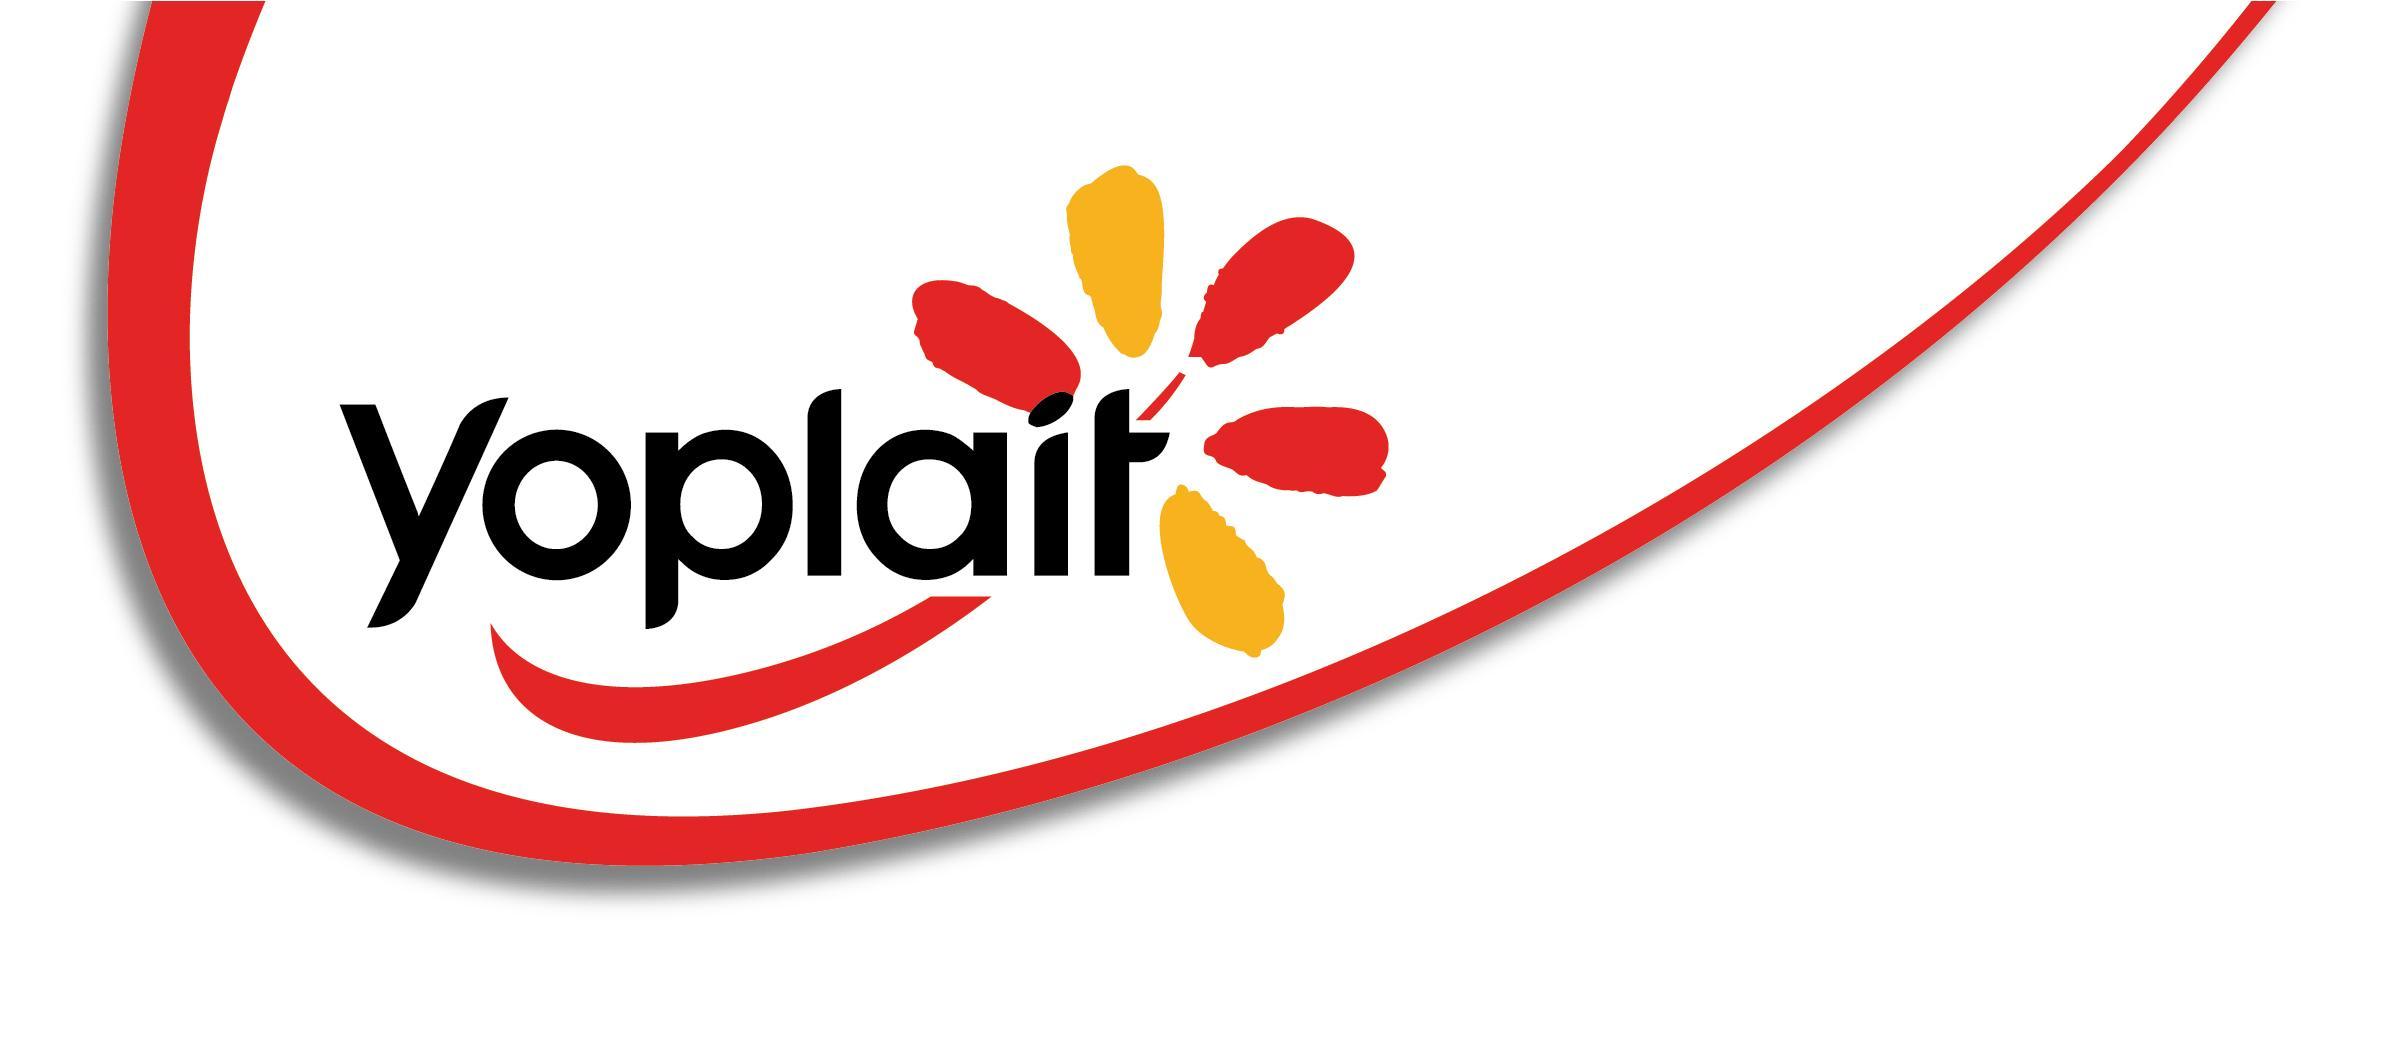 Yoplait - UK company logo